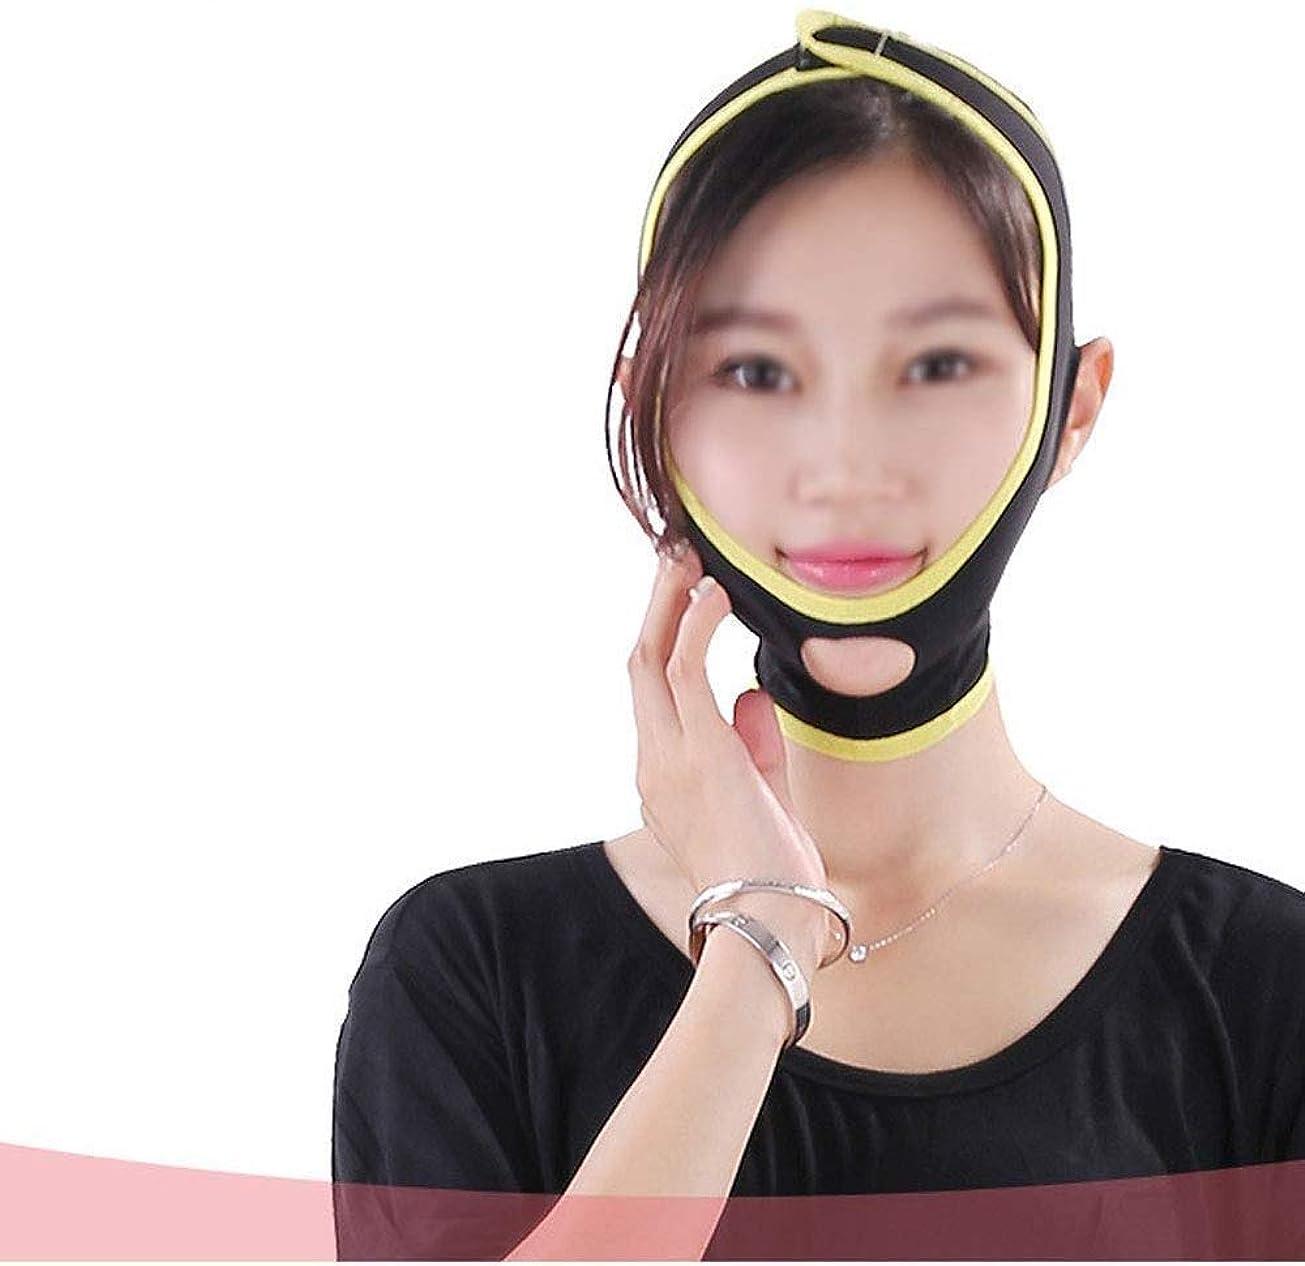 延期する人物囚人美容と実用的な薄い顔の包帯 睡眠小さなVフェイスマスクリフトは、肌のアーティファクトを引き締めますダブルチンフェイシャル減量包帯(サイズ:M)